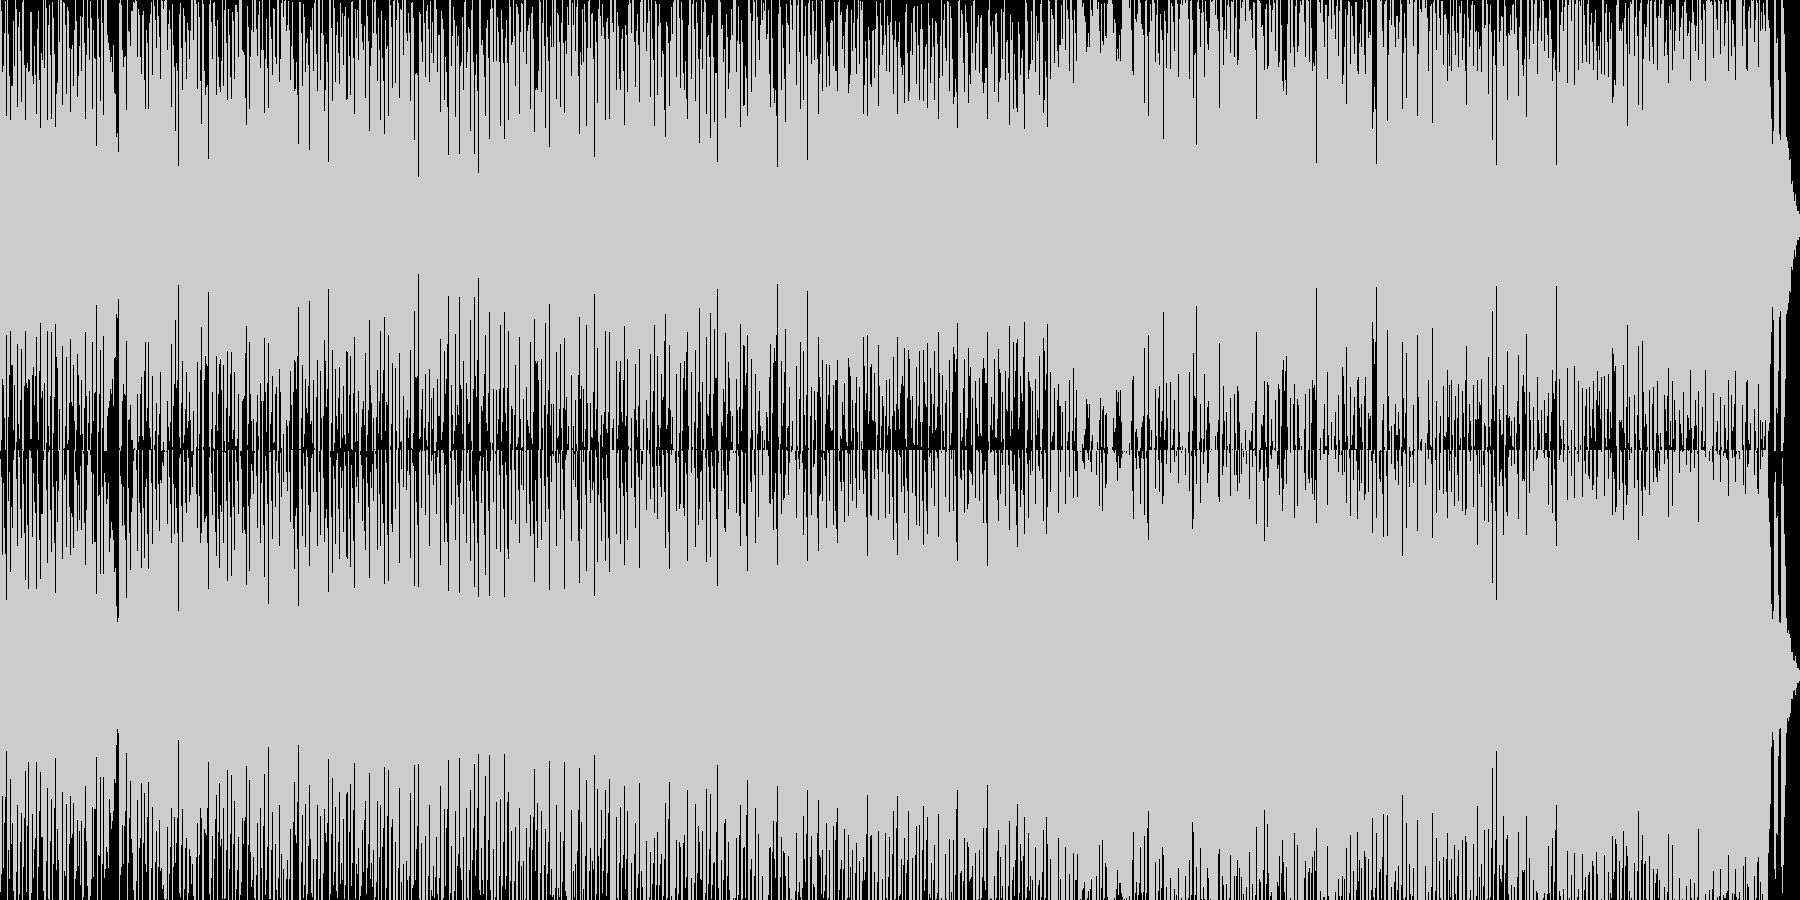 瀧廉太郎 花/ポップアレンジの未再生の波形